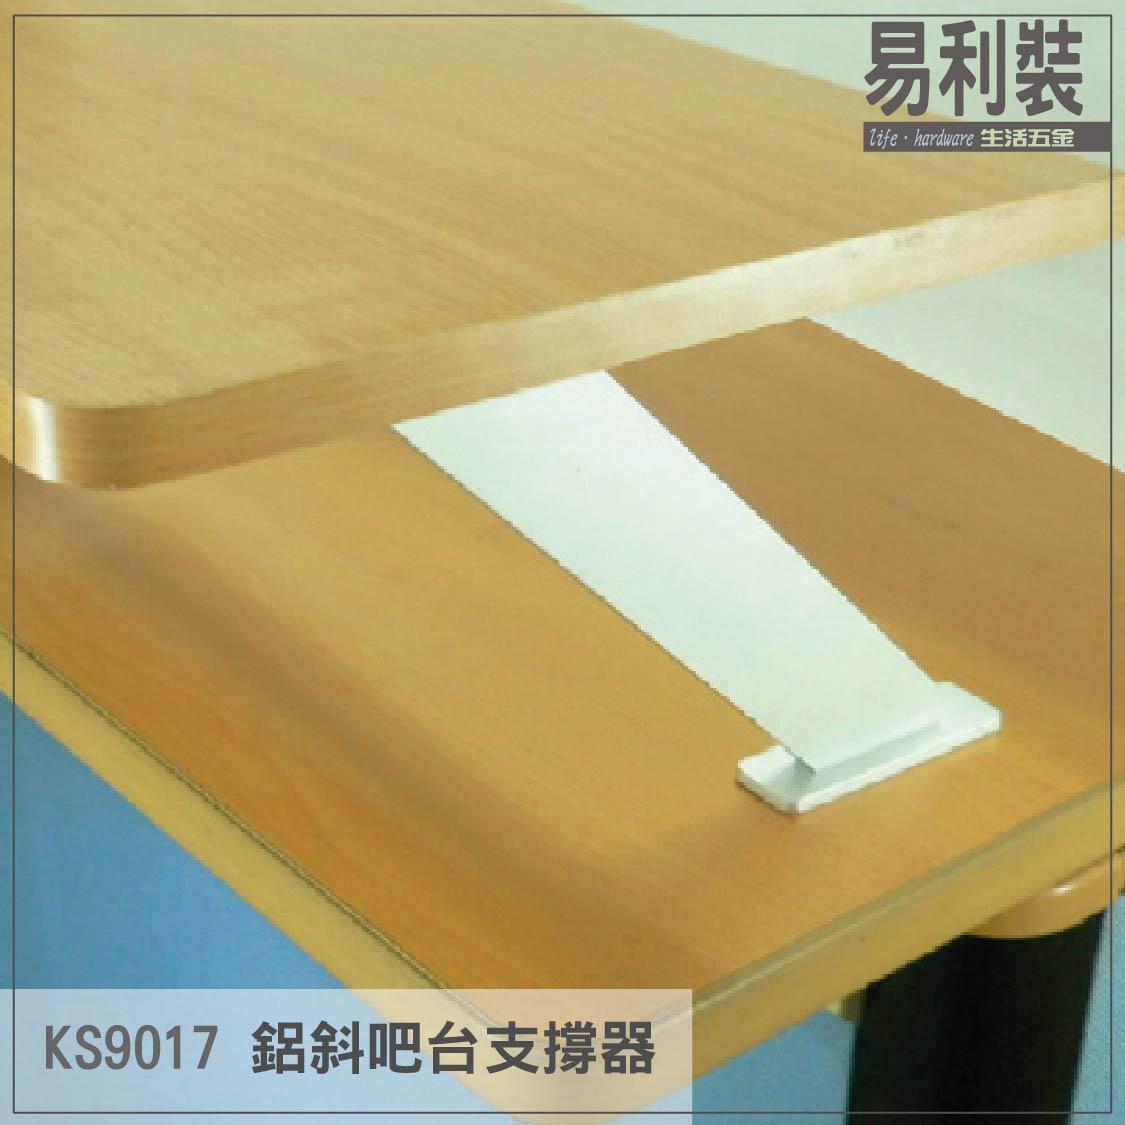 【 EASYCAN  】KS9017 鋁斜吧台支撐器 易利裝生活五金 層板架 房間 臥房 衣櫃 小資族 辦公家具 系統家具 0